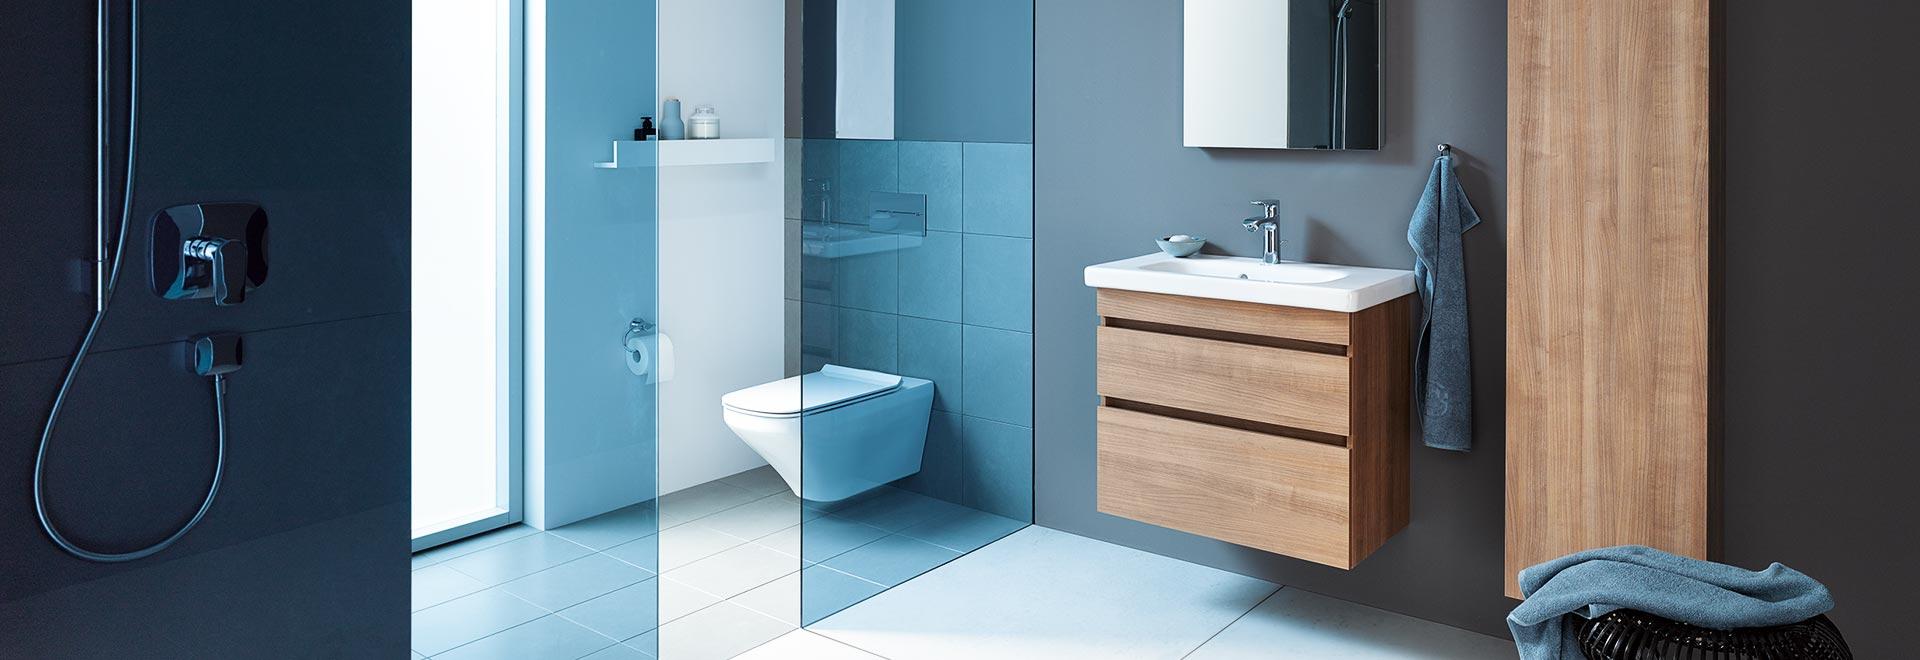 Walter Vögele GmbH in Freiburg: Moderne Badgestaltung zum Wohlfühlen